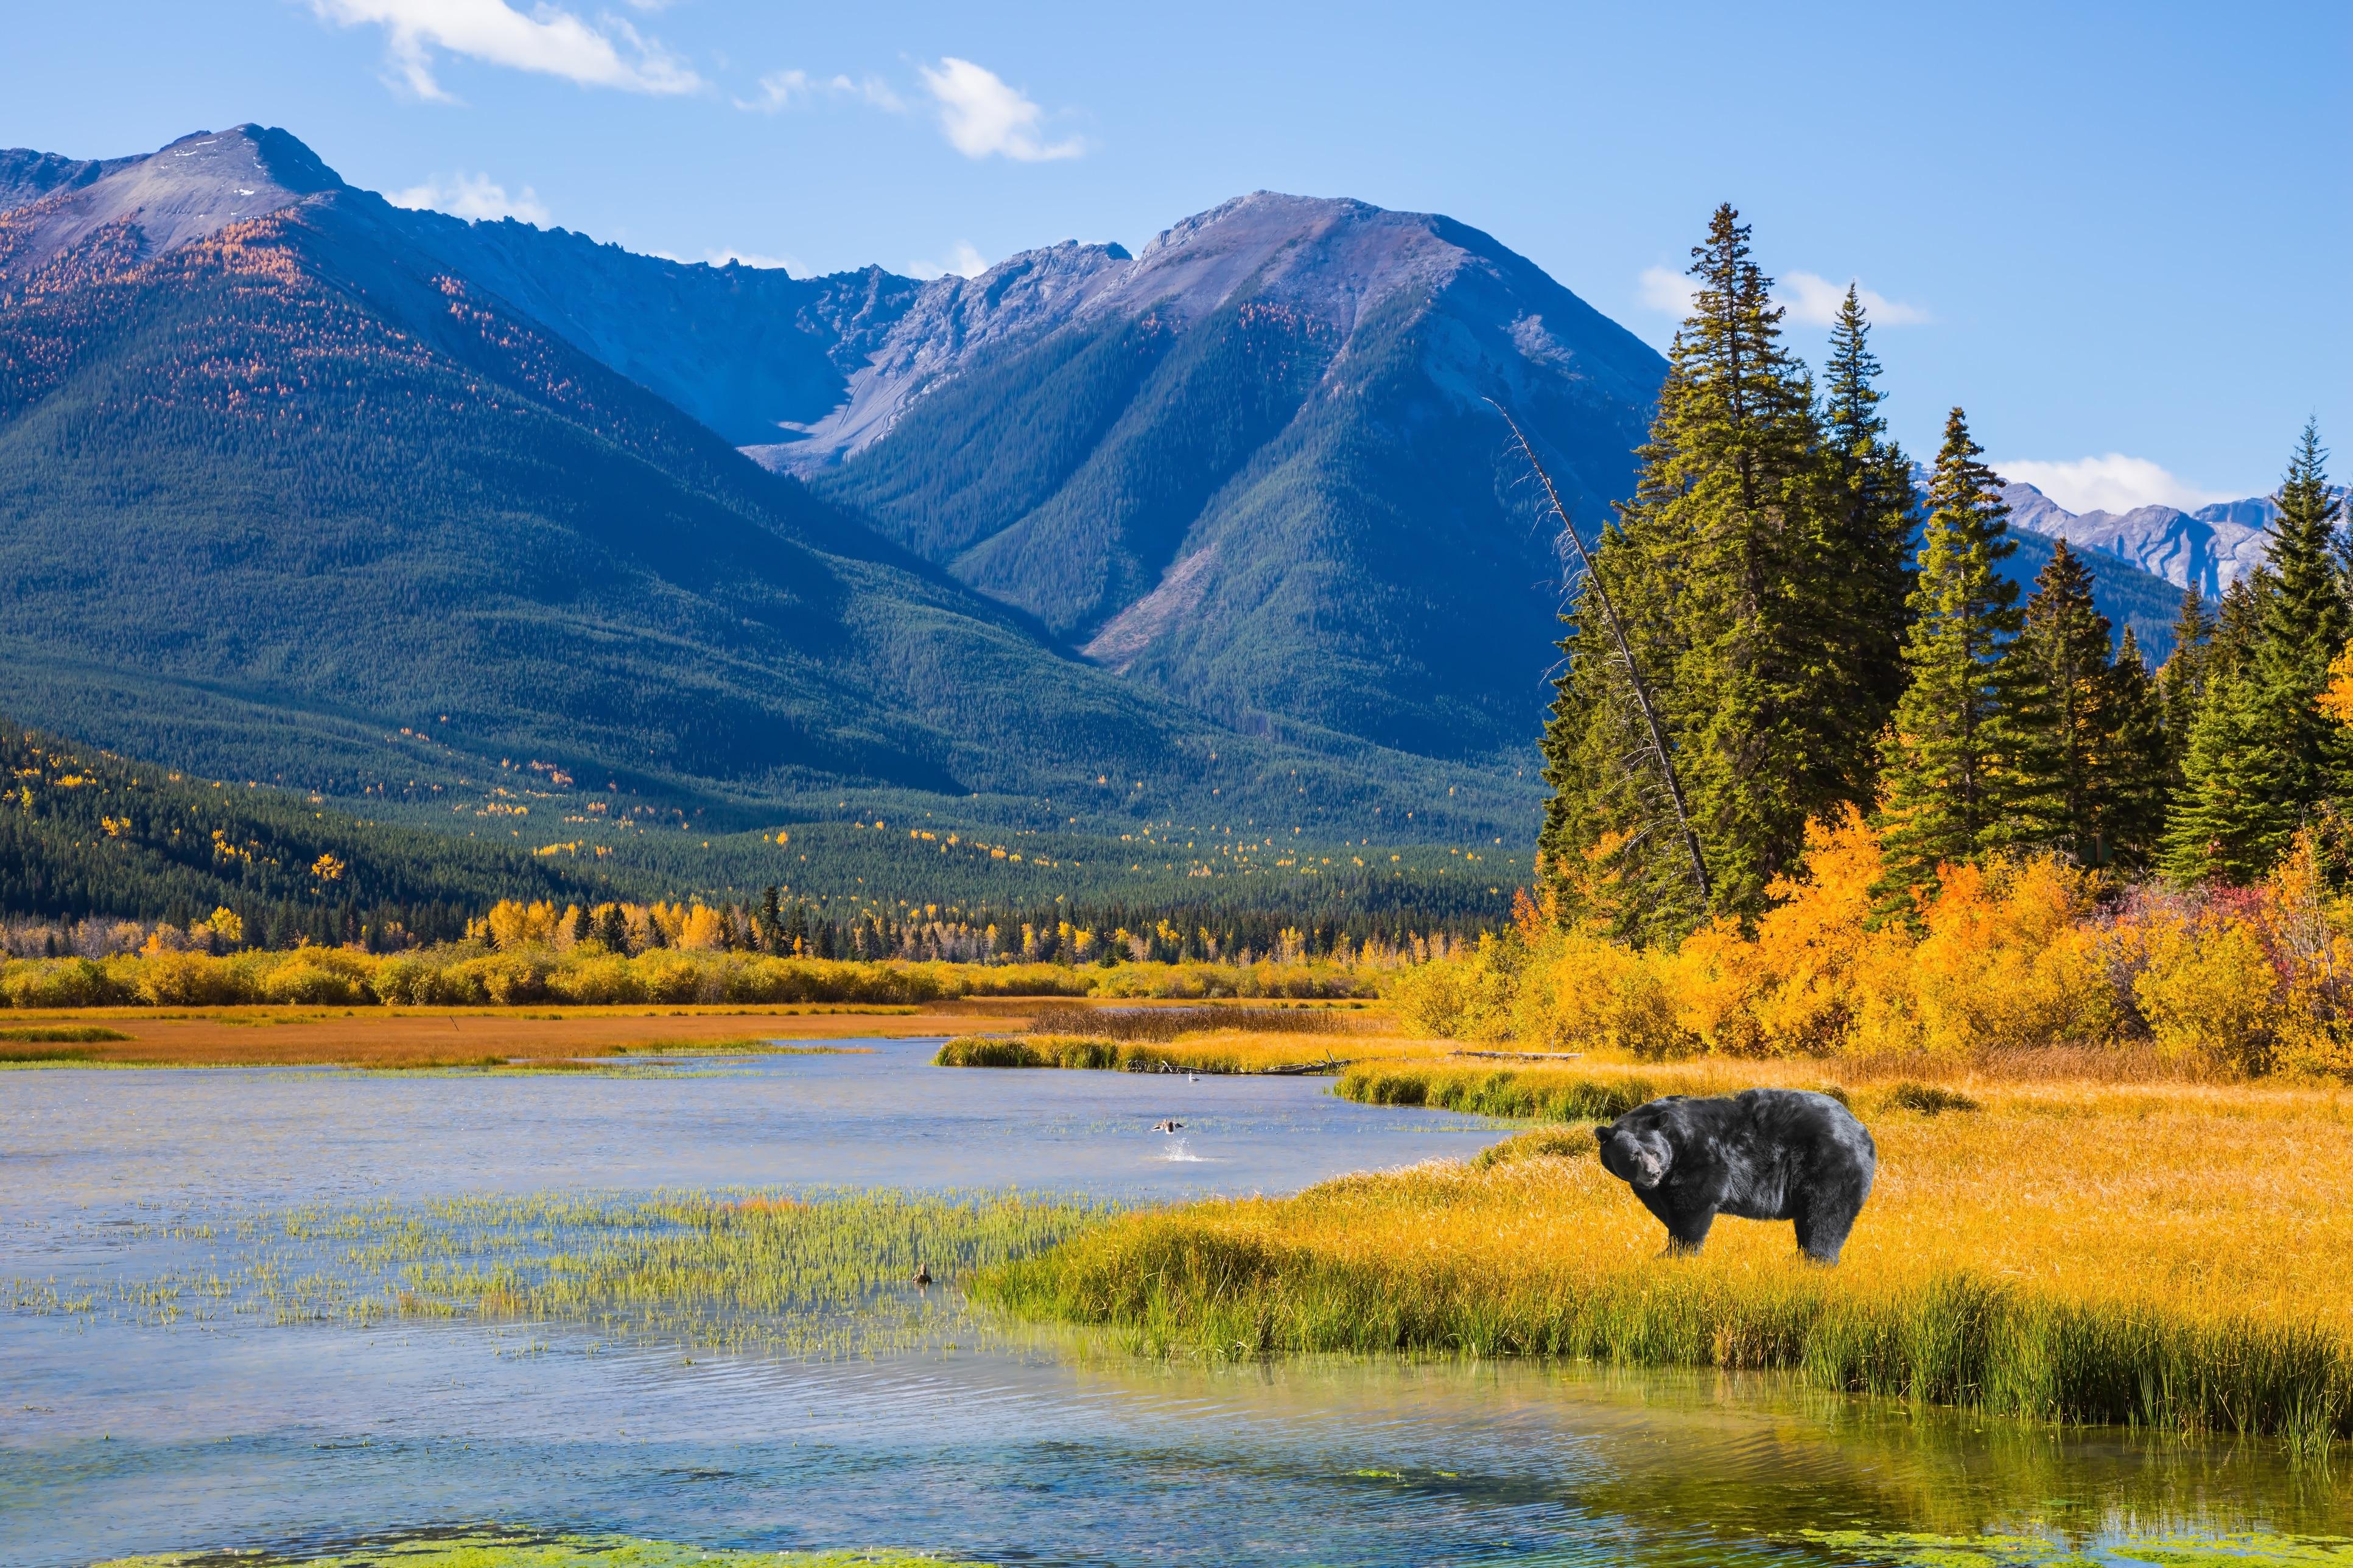 zwarte beer bij een meer in canada